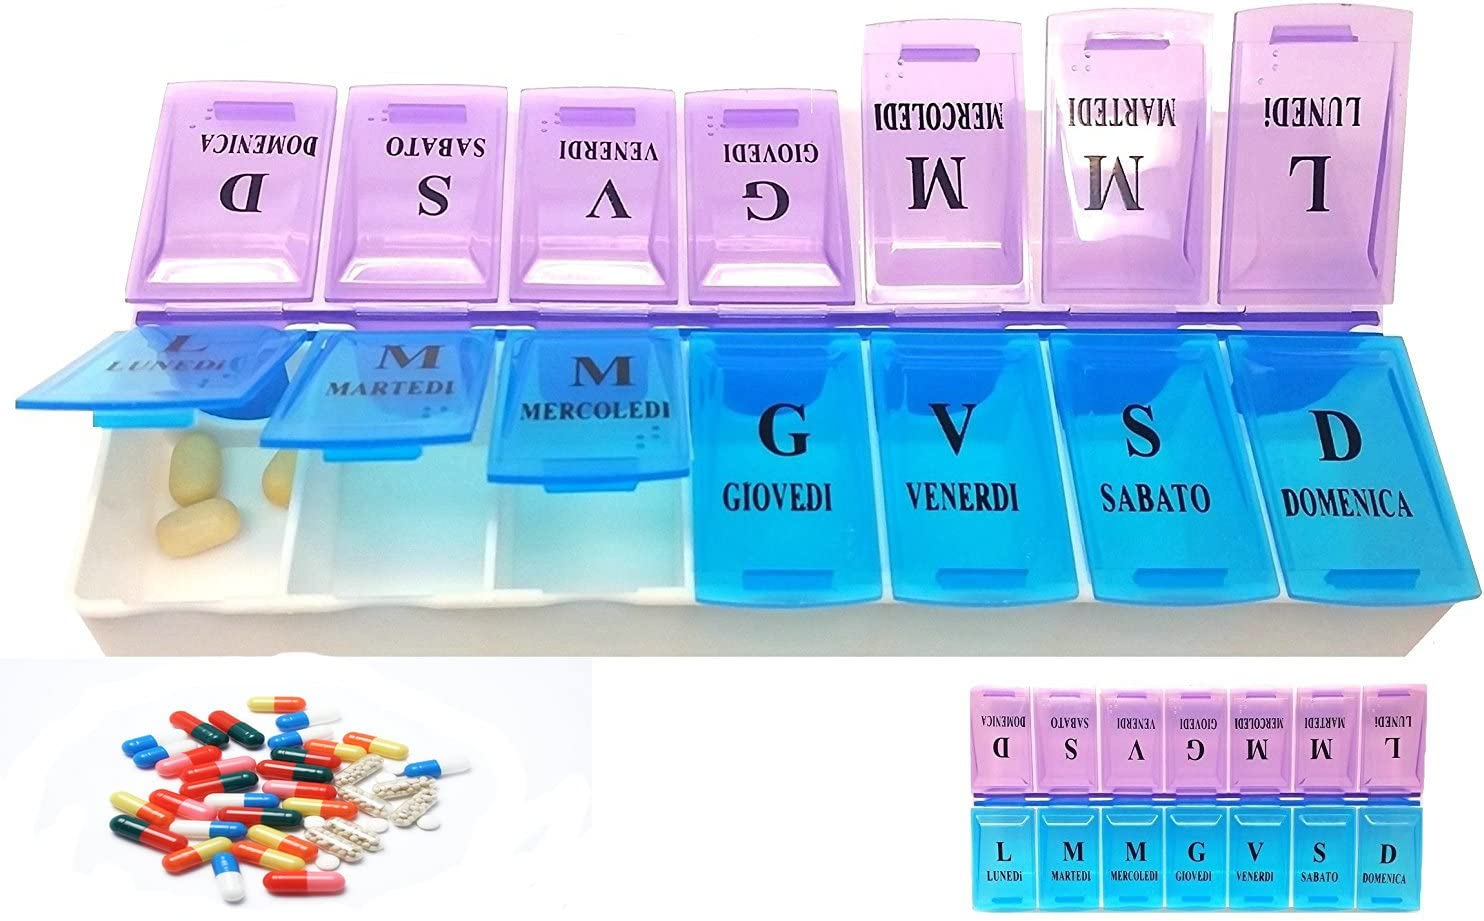 Organizzatore settimanale per pillole Agenda per 7 giorni per pillole extra large e organizer giornaliero per pillole e promemoria medicinali con scomparti dal luned/ì alla domenica